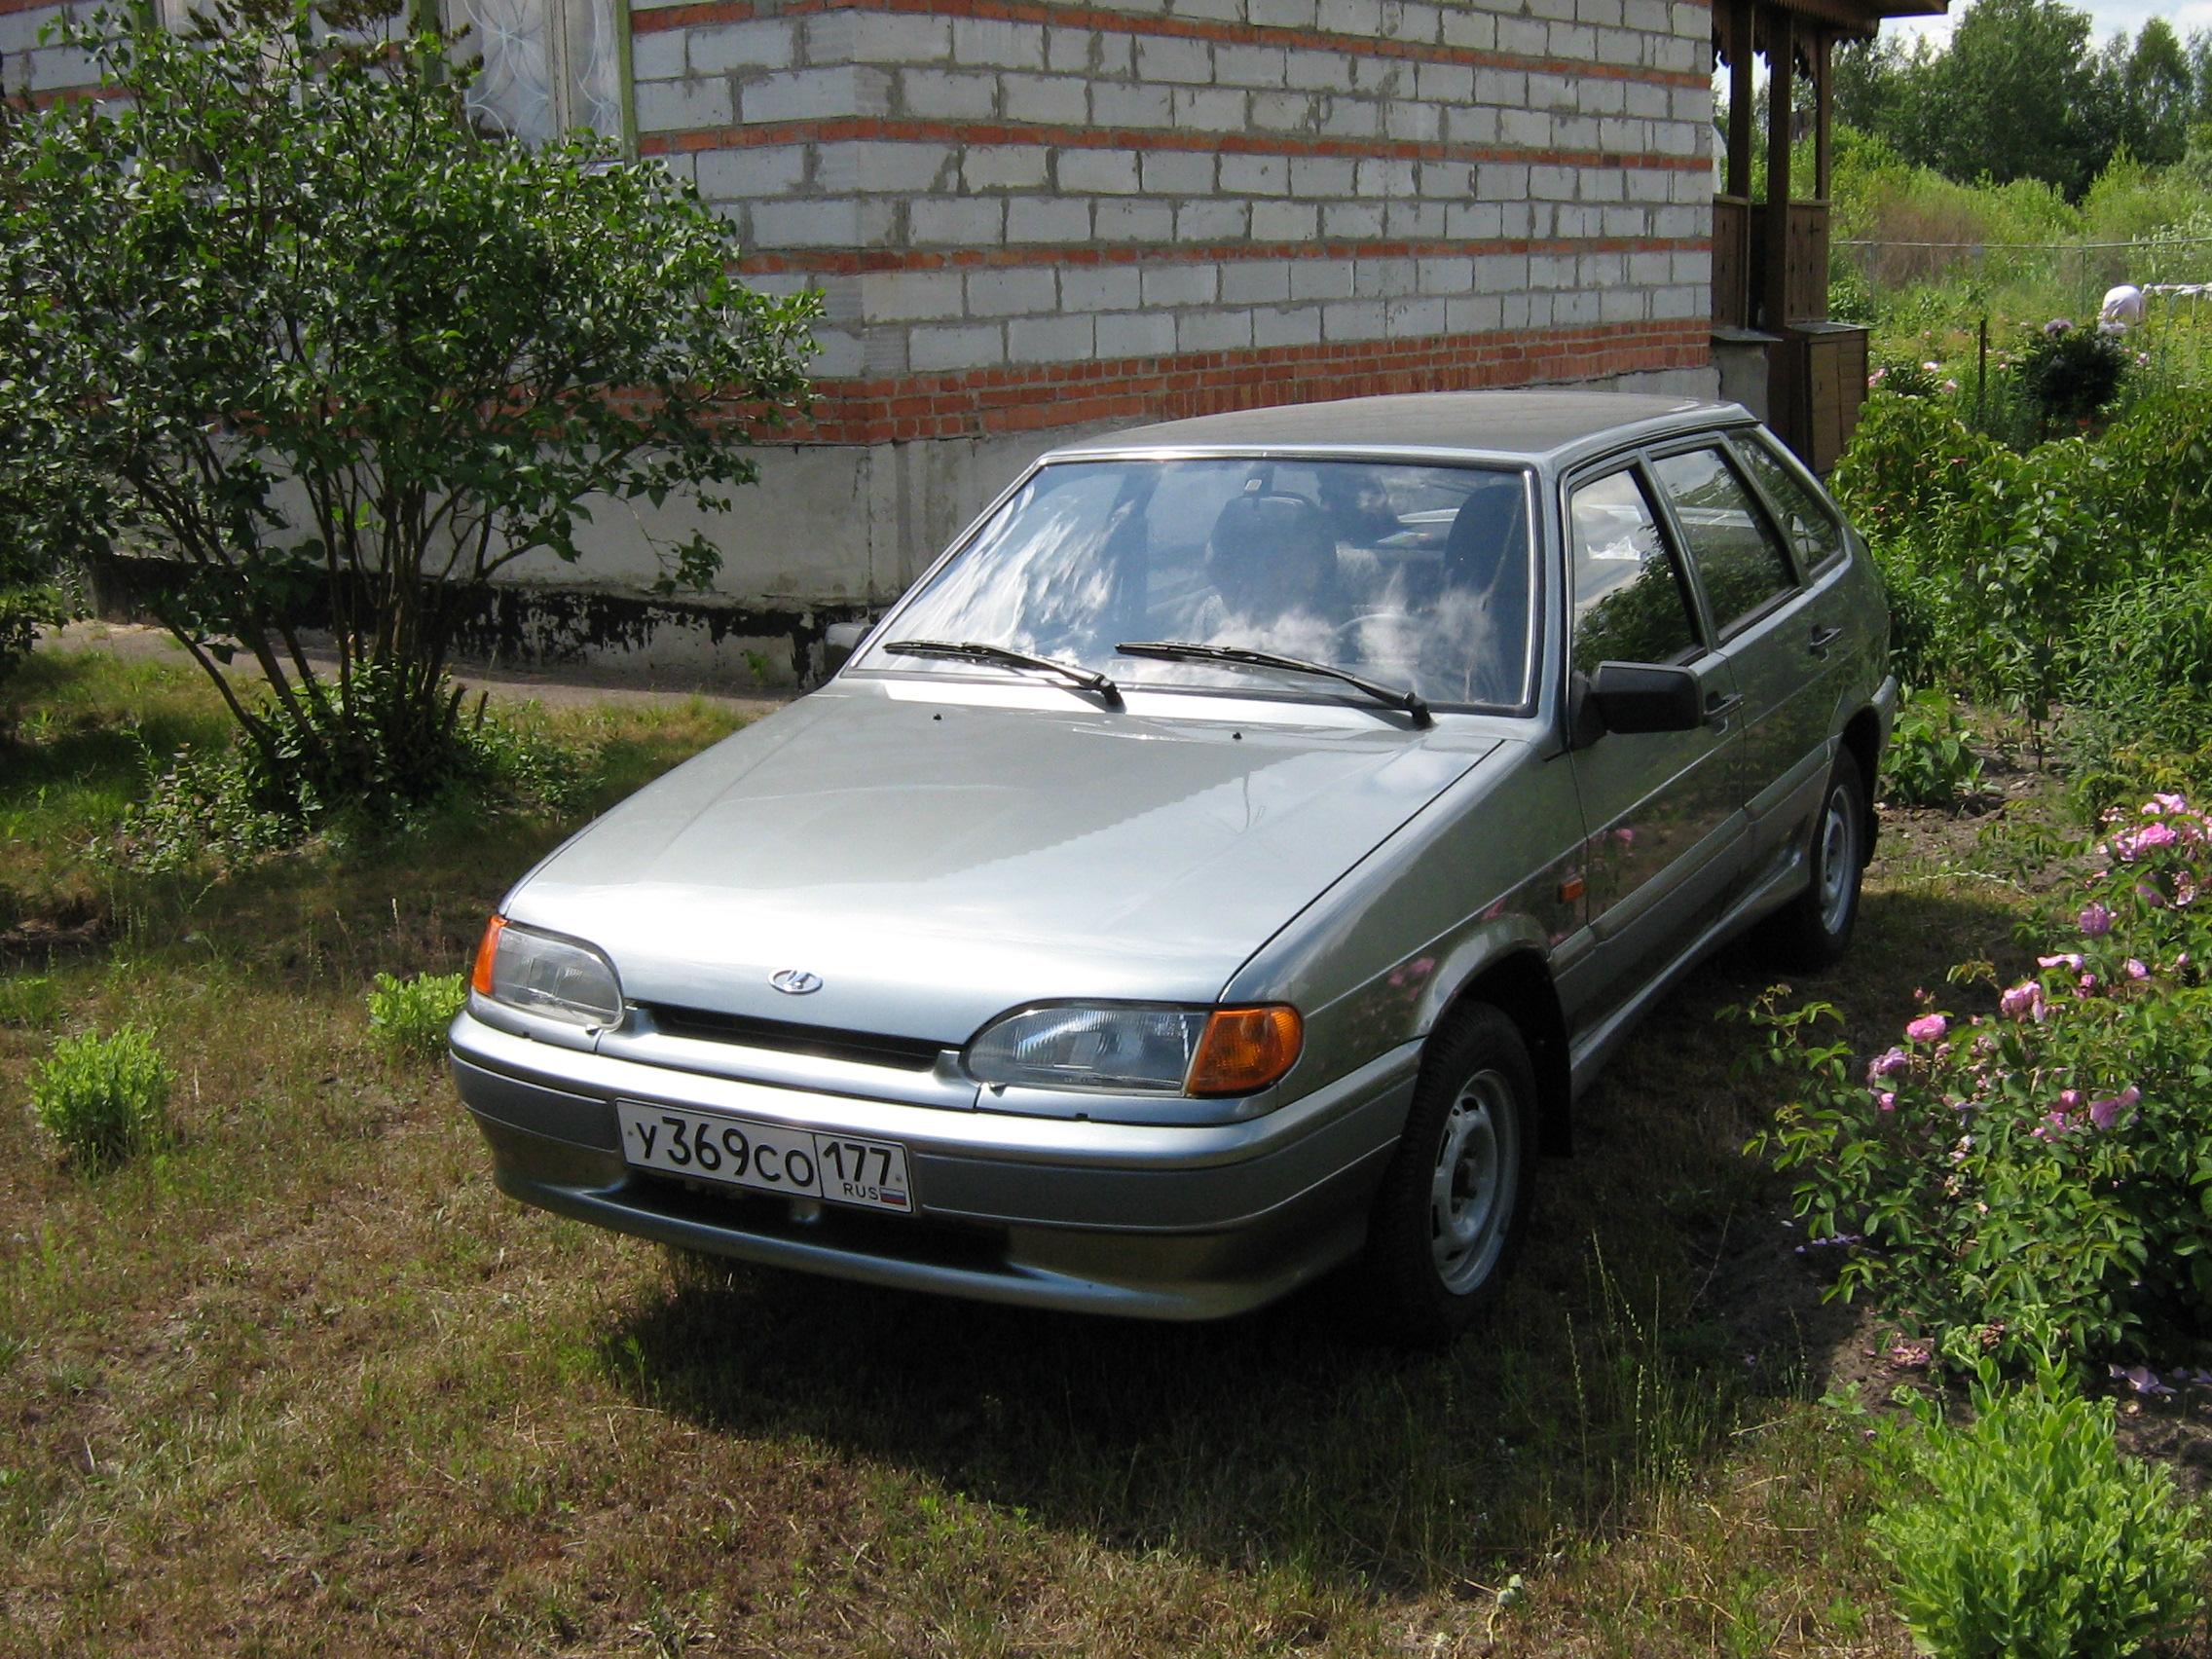 File:ВАЗ-2114 2007 года выпуска.jpg